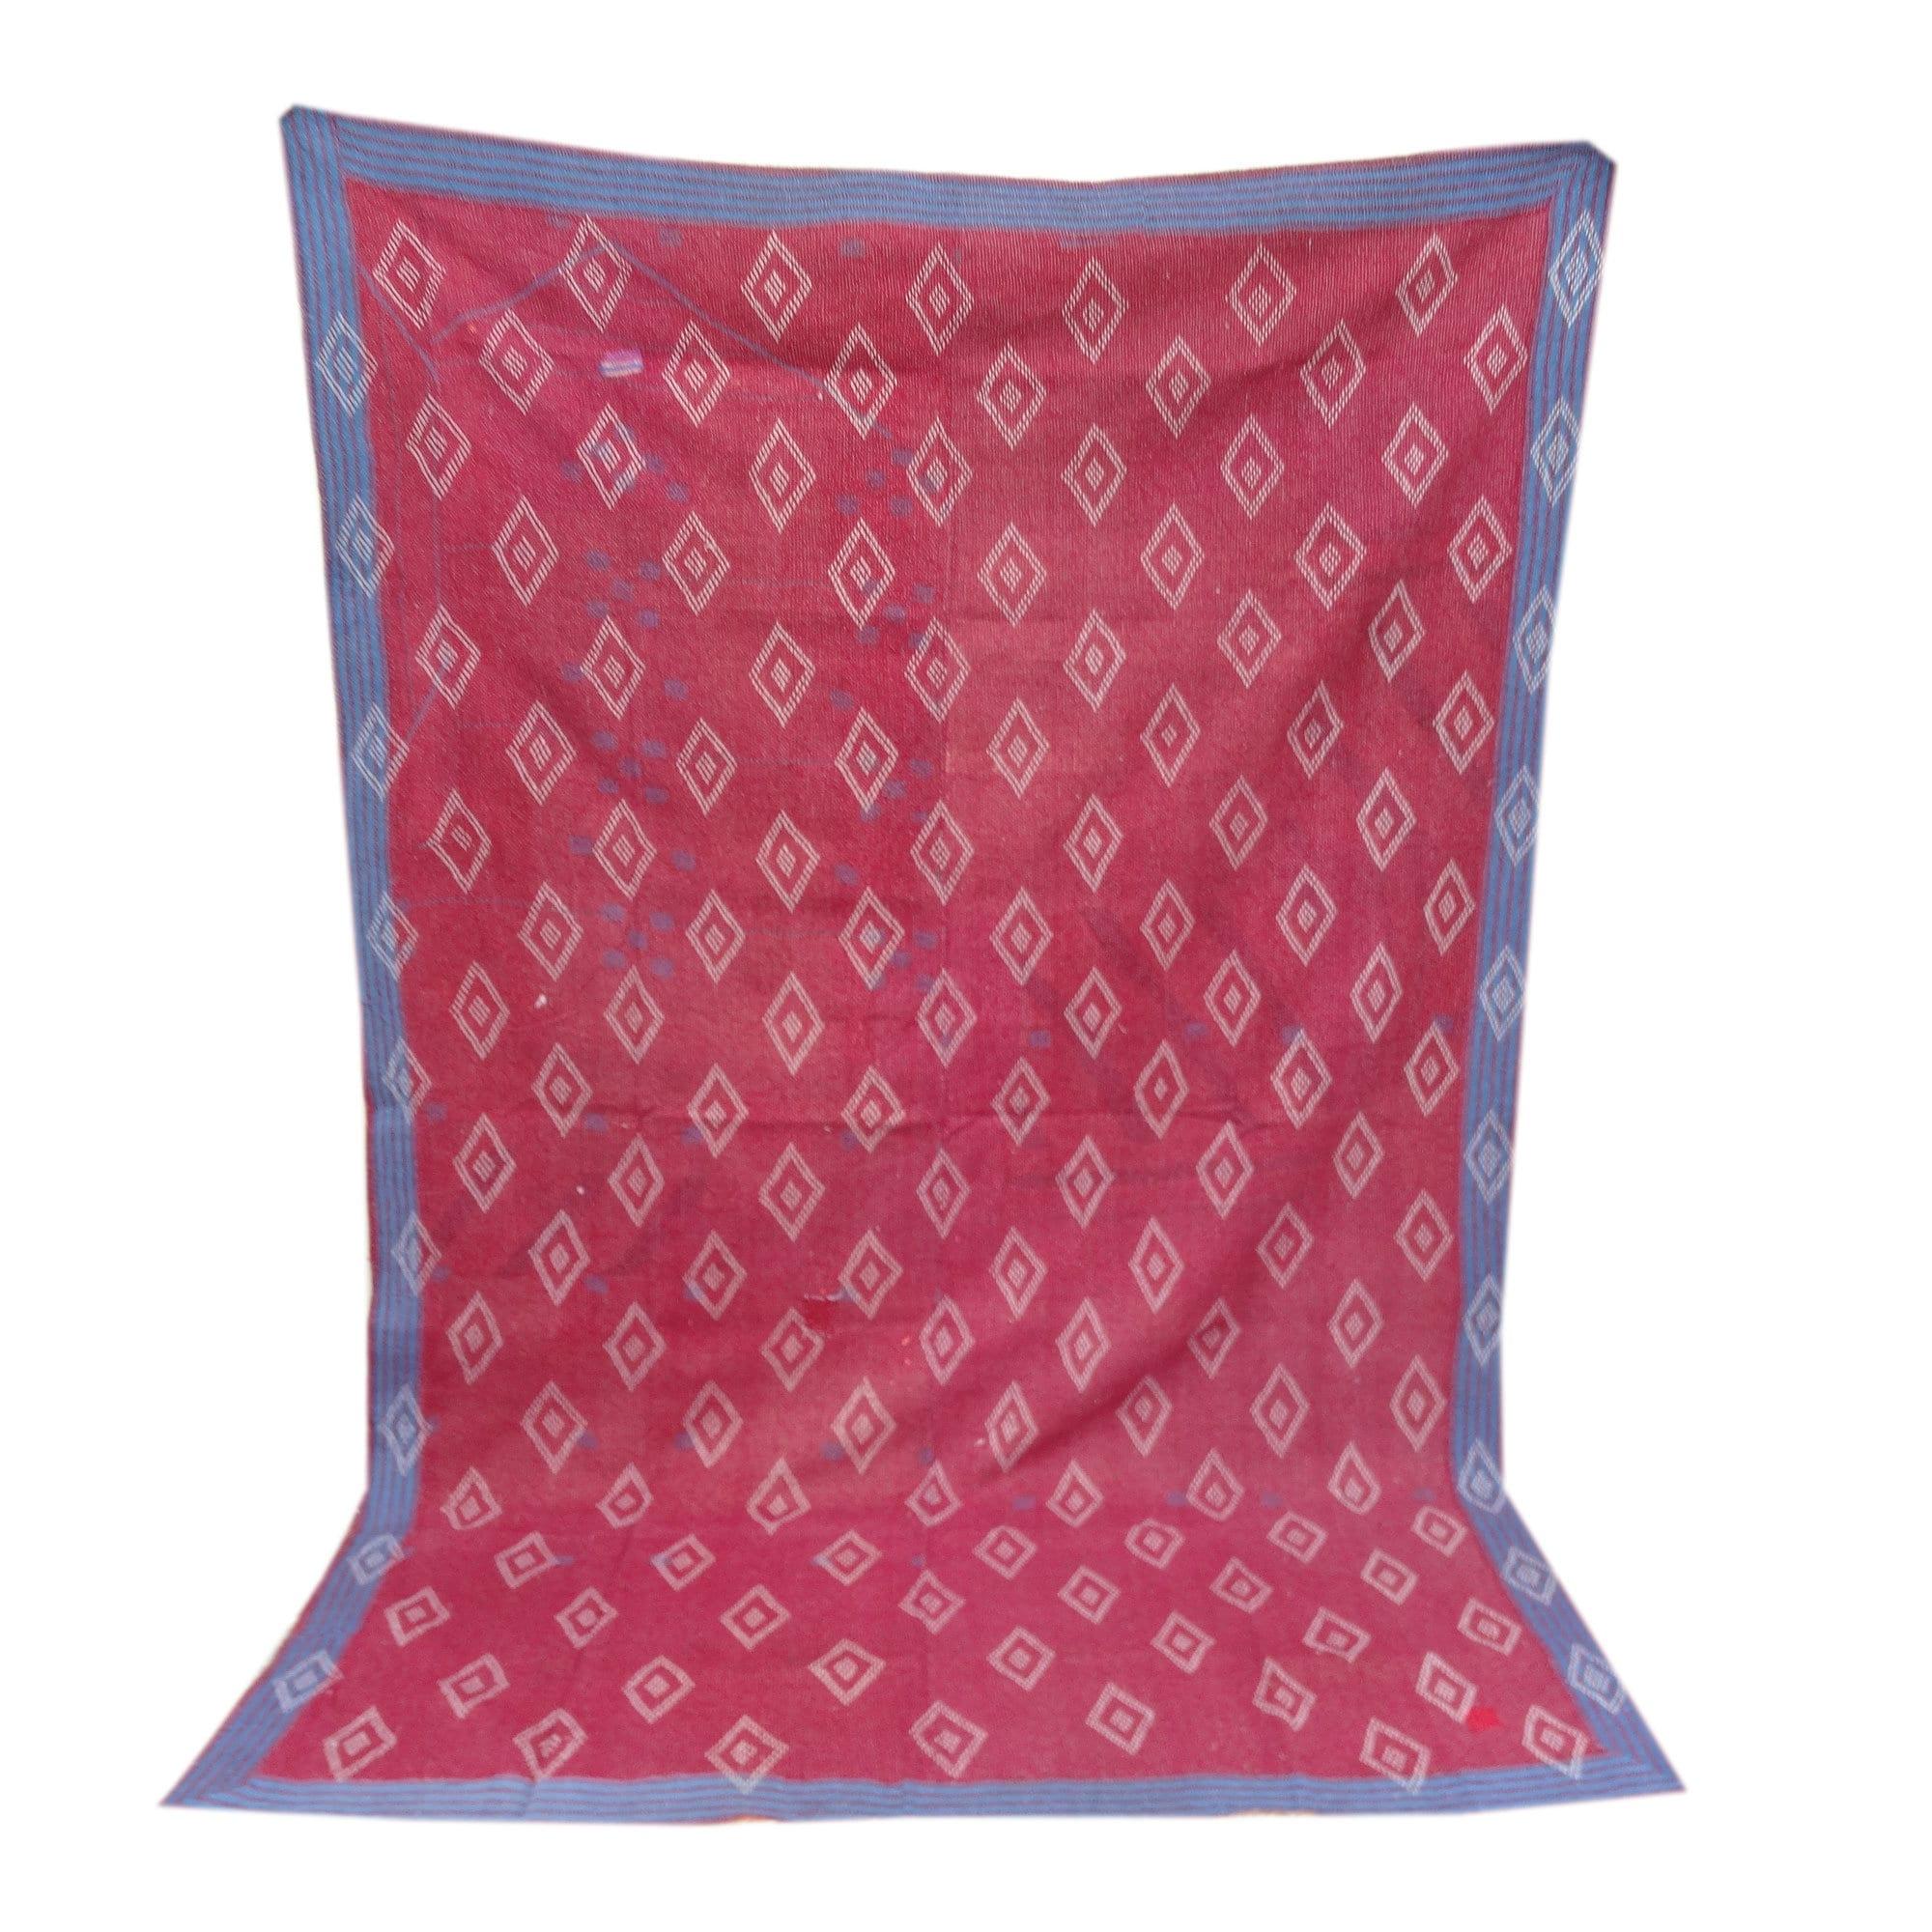 Vintage Indien Saris Main Stitched Kantha Quilt